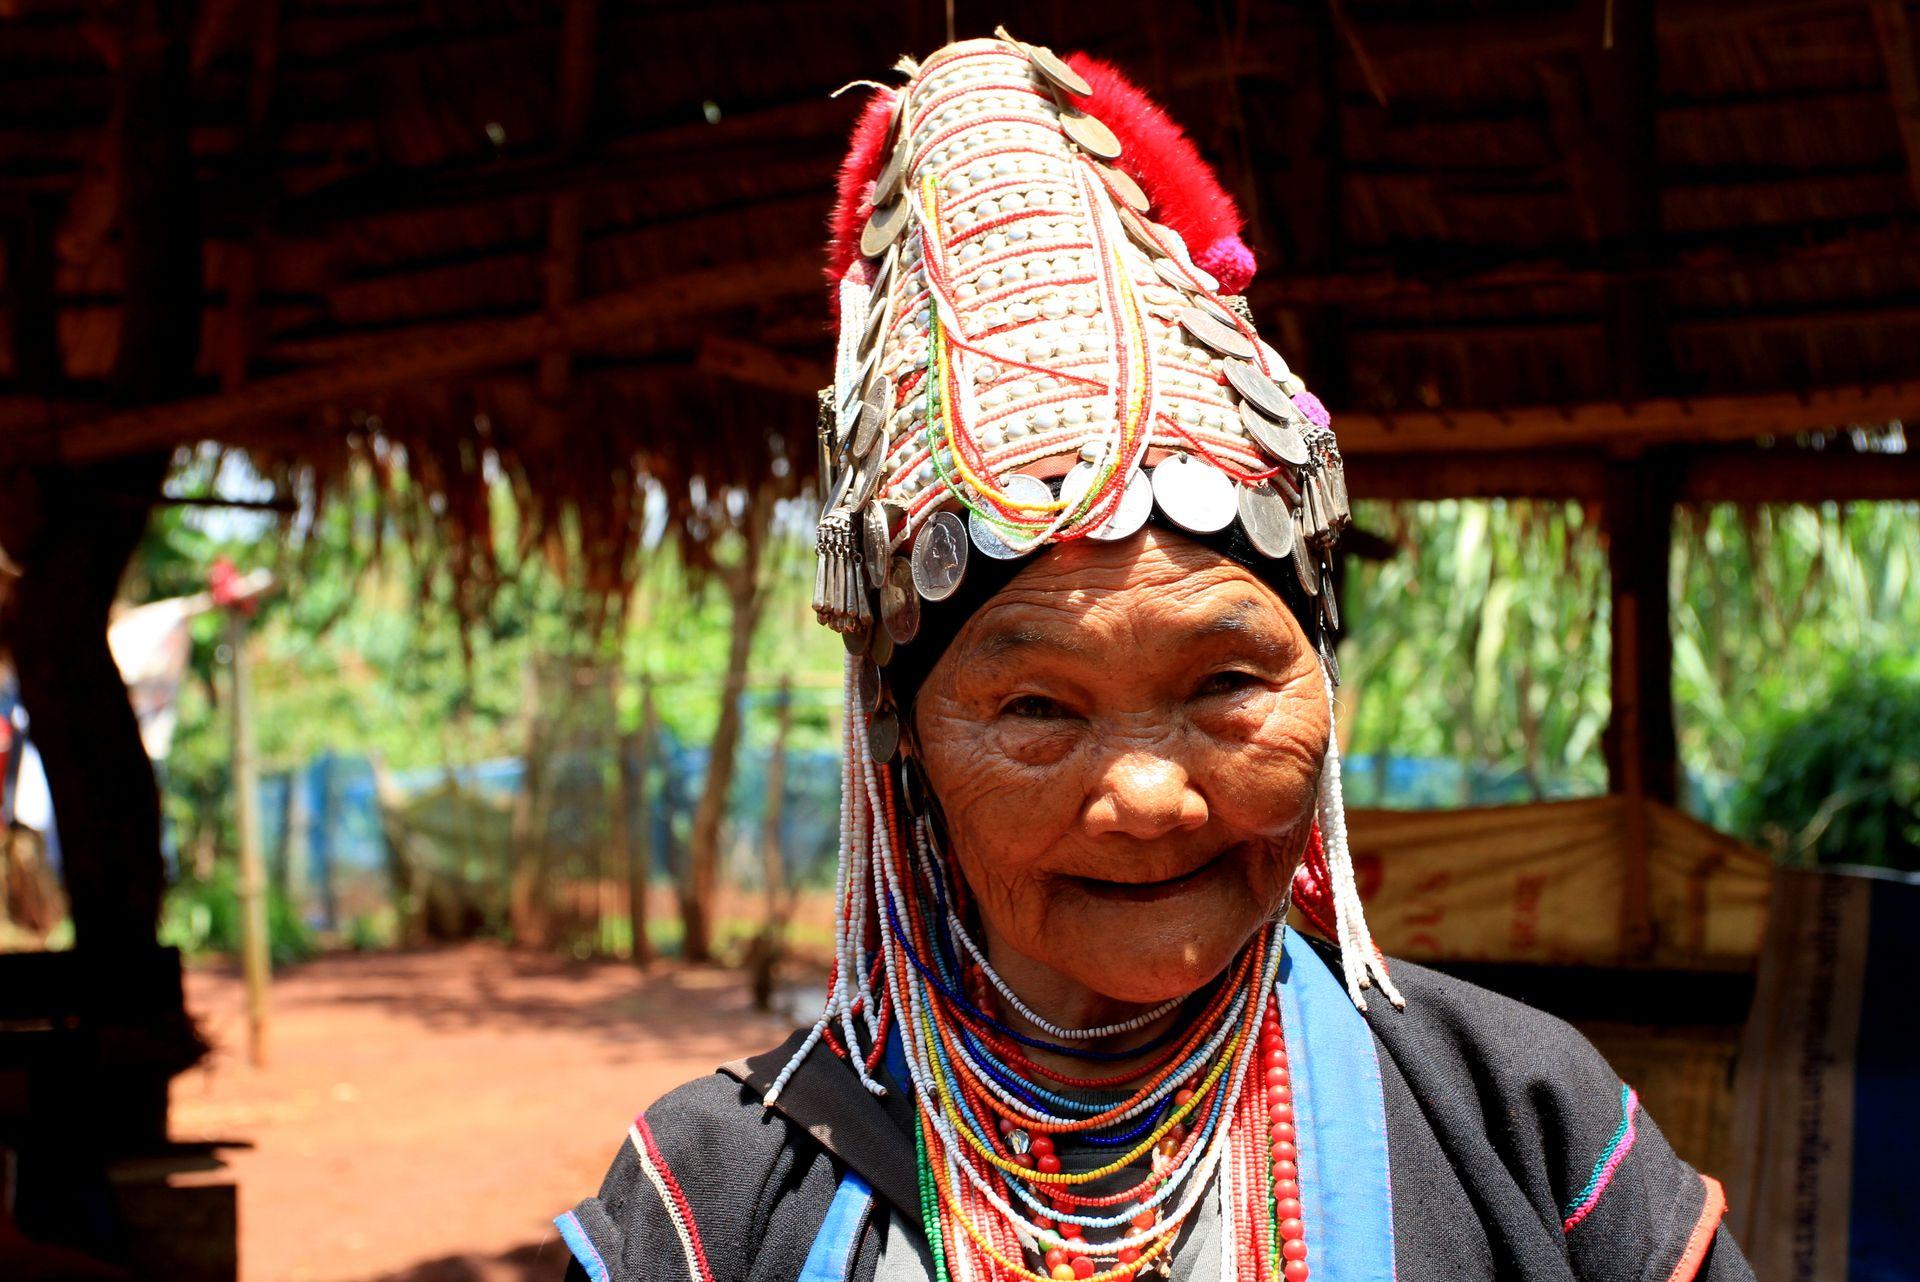 Kobieta zplemienia Akha.Tajlandia